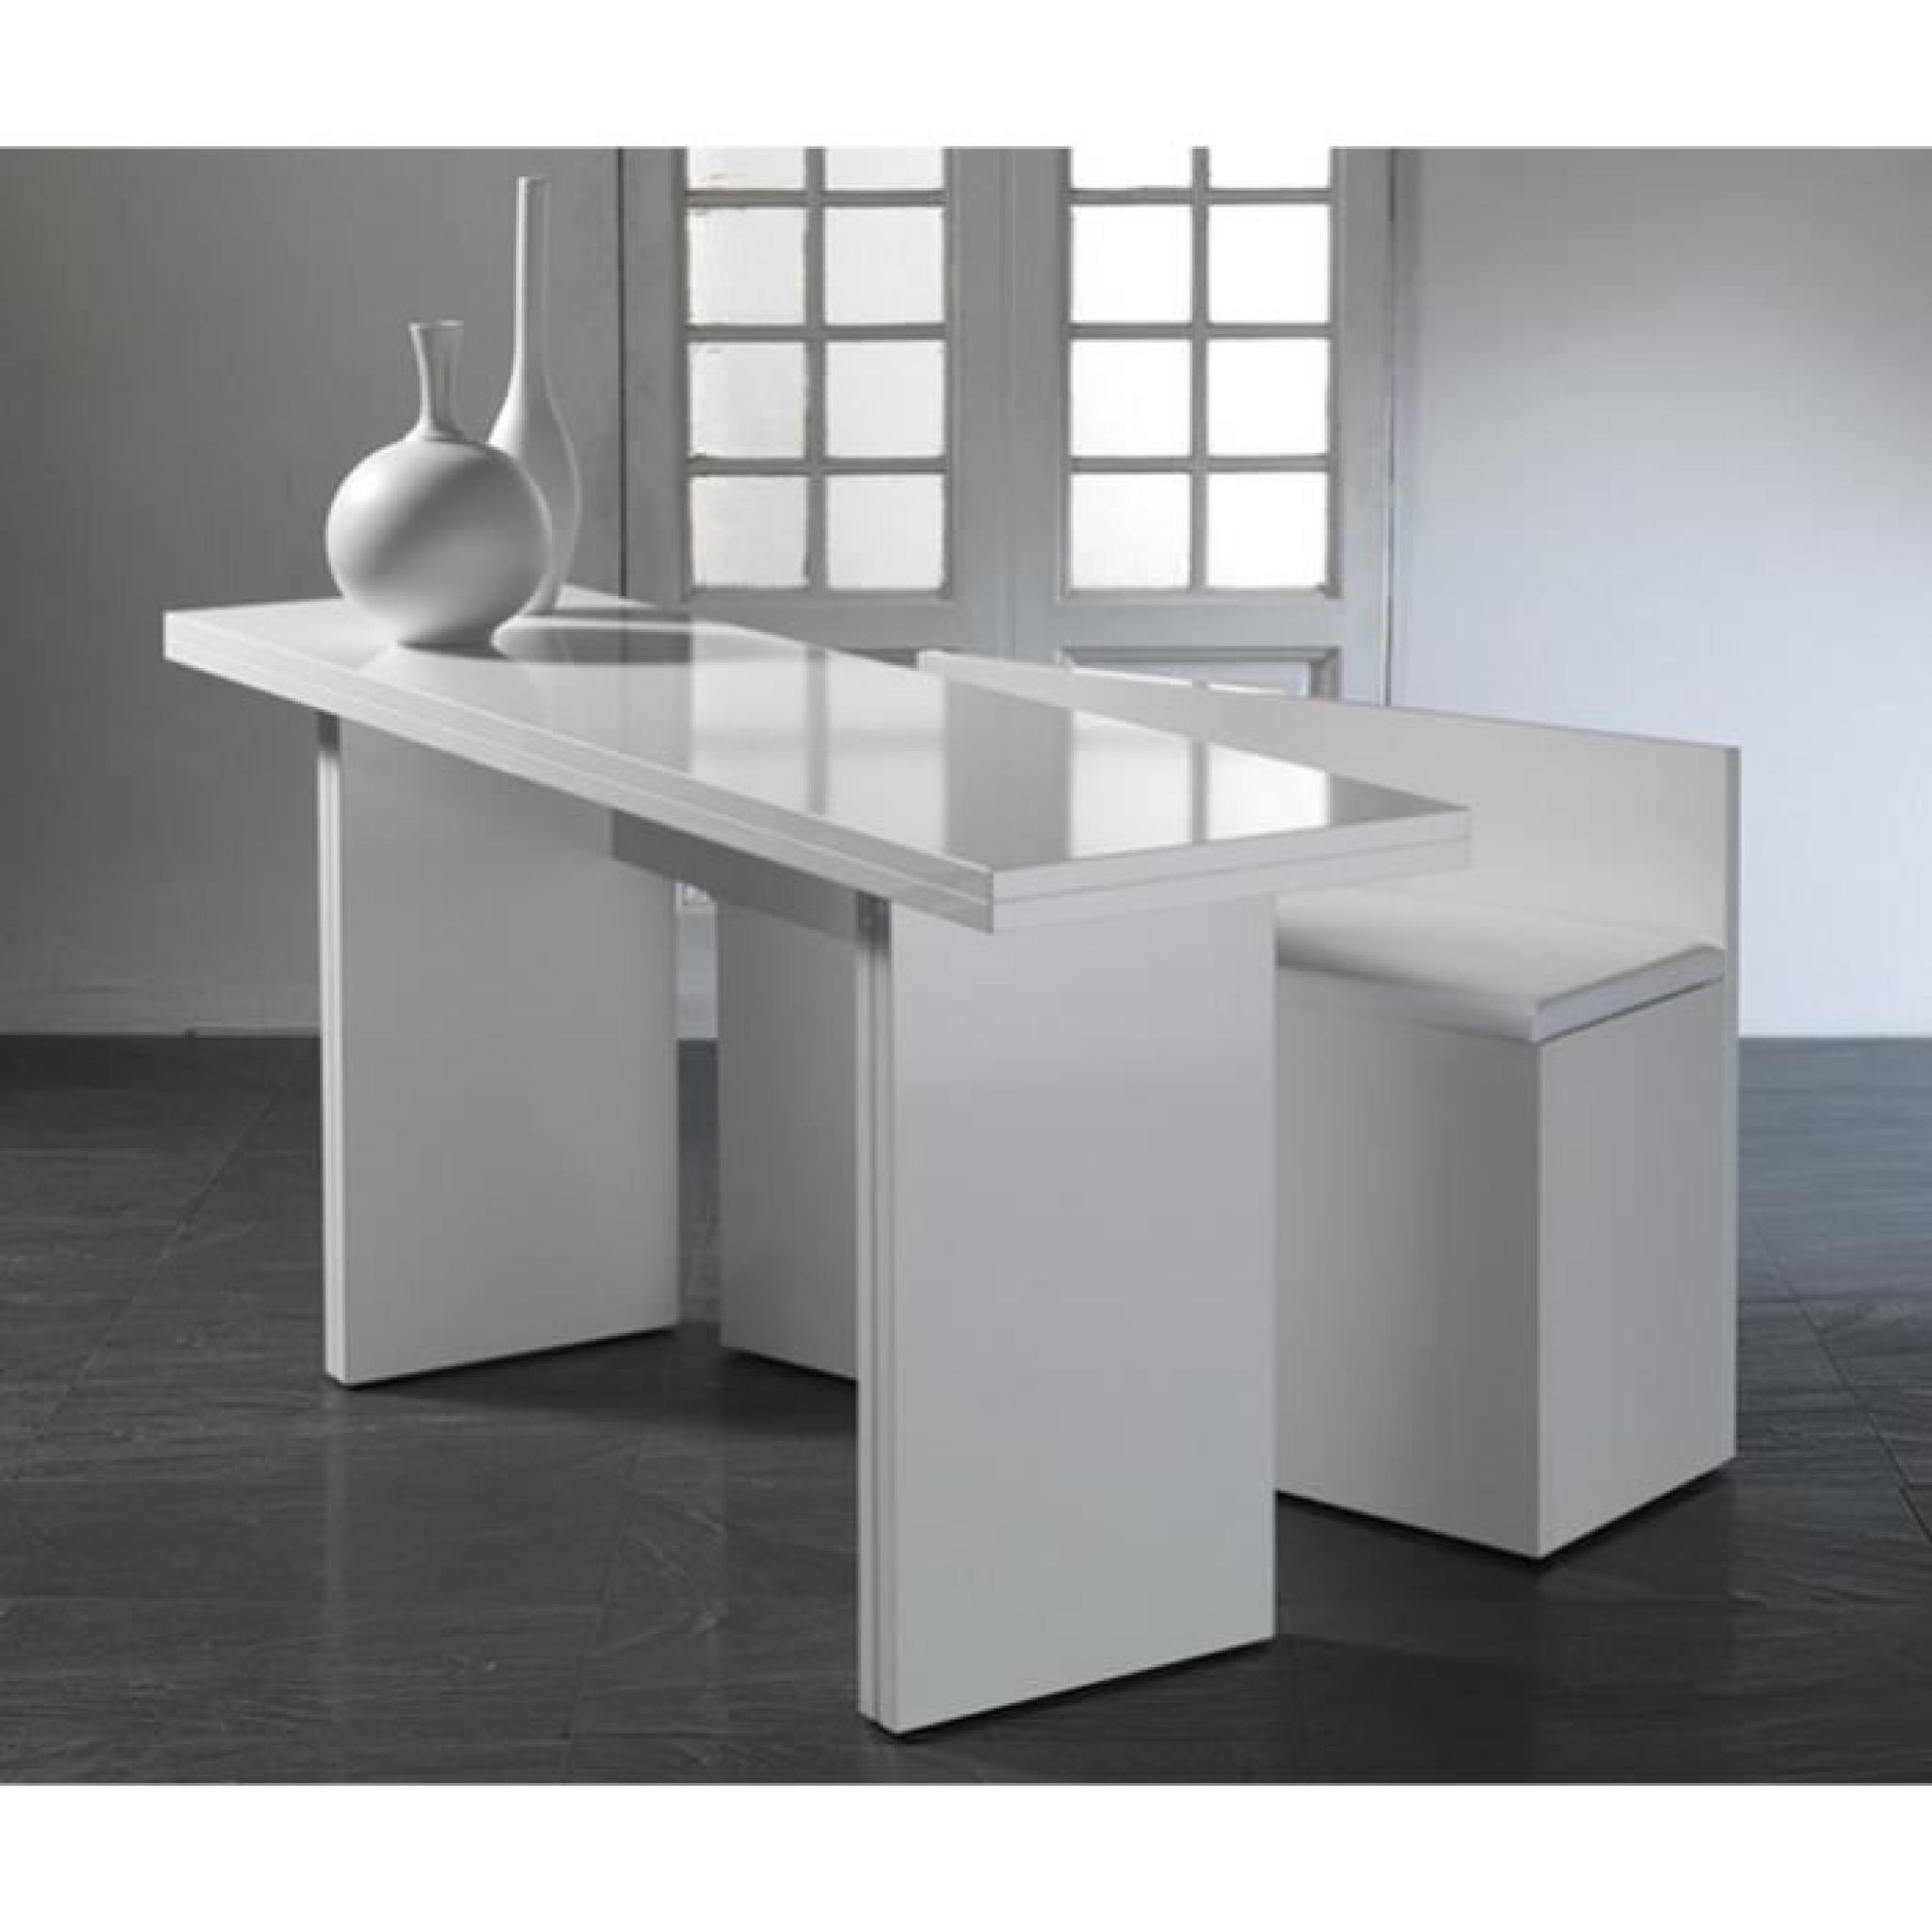 Lava Console Table à Rabats Blanche Avec Banc Inclus Achatvente